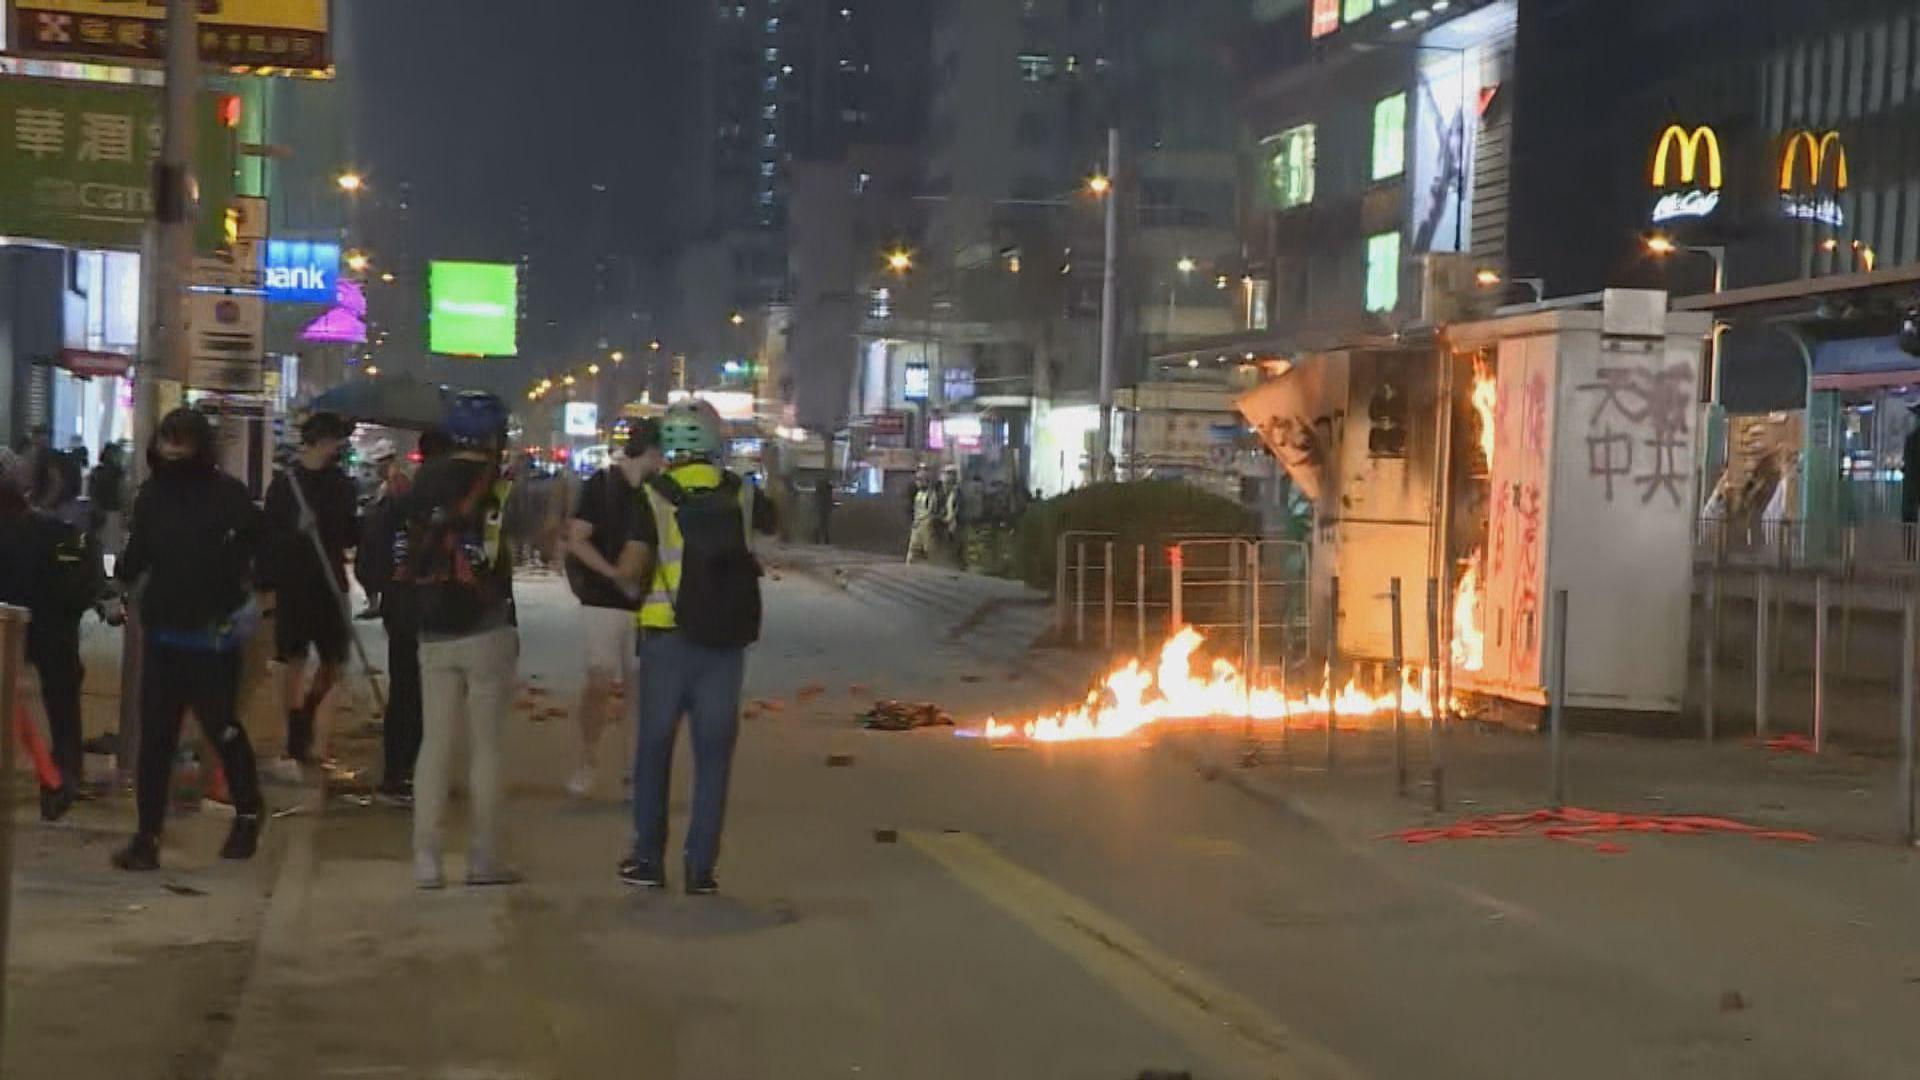 元朗晚上有示威者堵路縱火